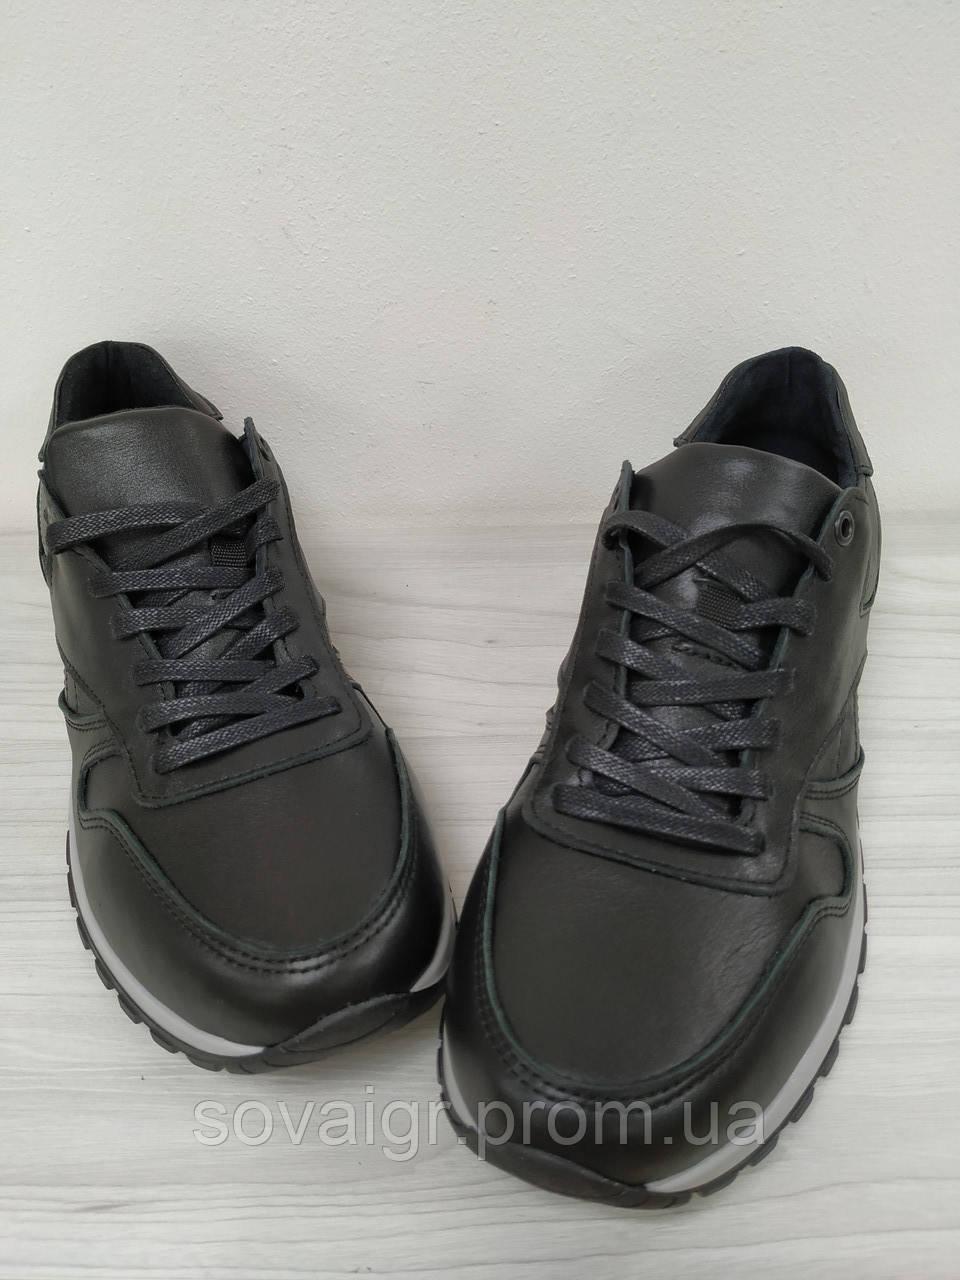 Кроссовки кожаные черные мужские MANTE!!! Акция!!! -40%!!!